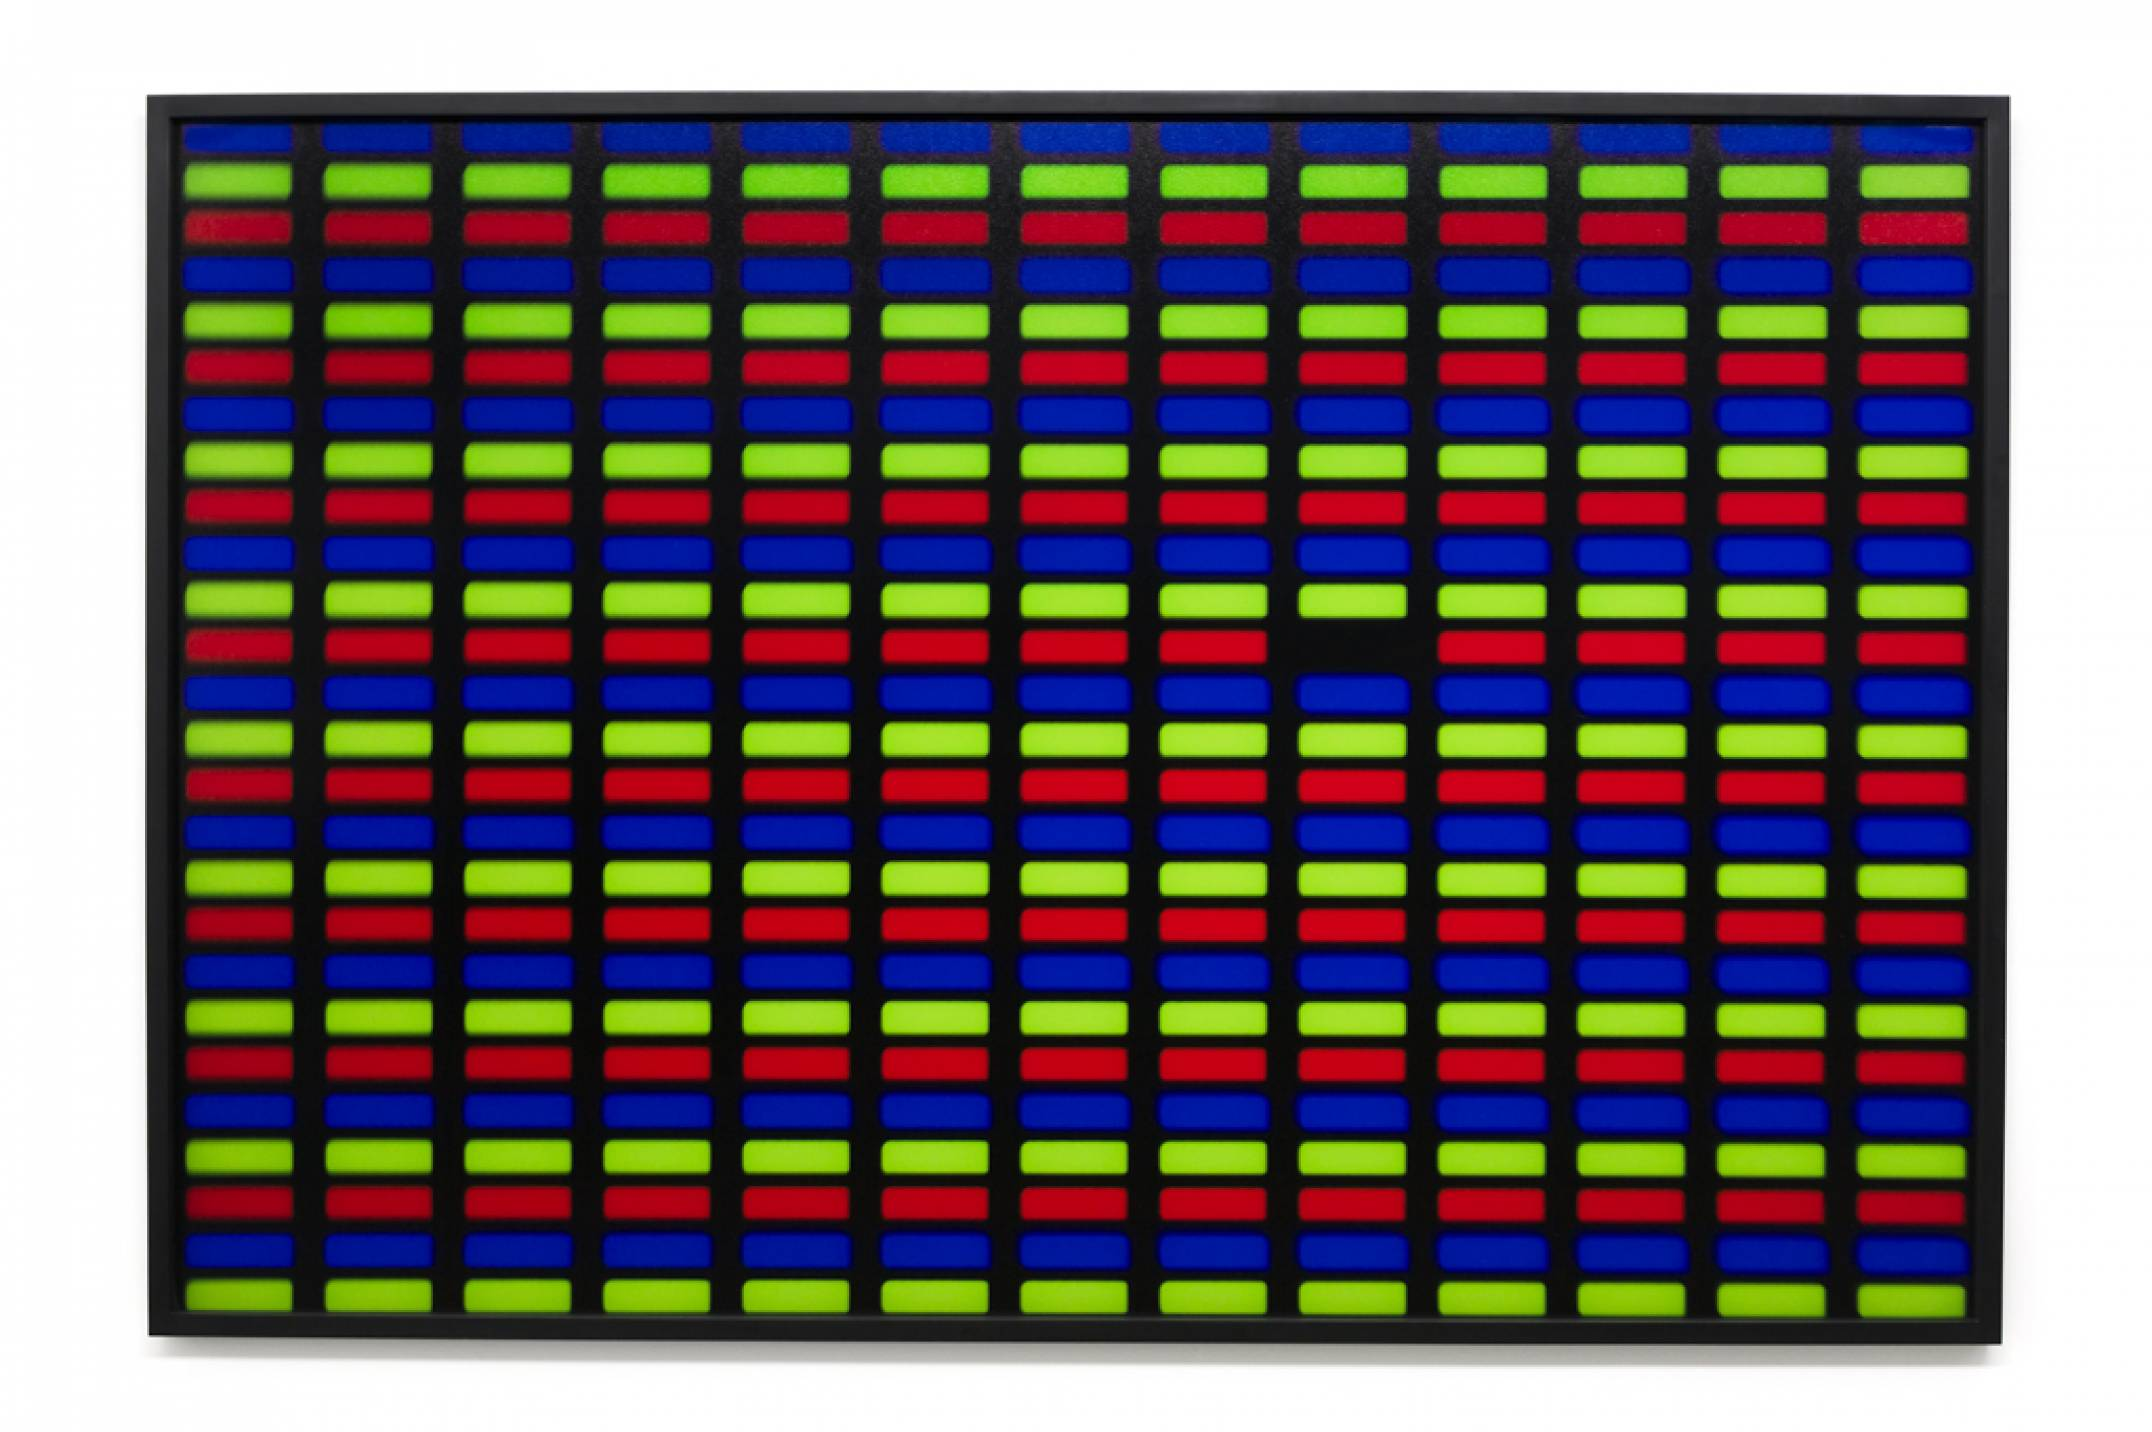 Roberto WInter,<em>Dead pixel (TFT)</em>, 2017, printing inkjet on paper Hahnemühle FineArt Baryta, 110 × 165 cm - Mendes Wood DM